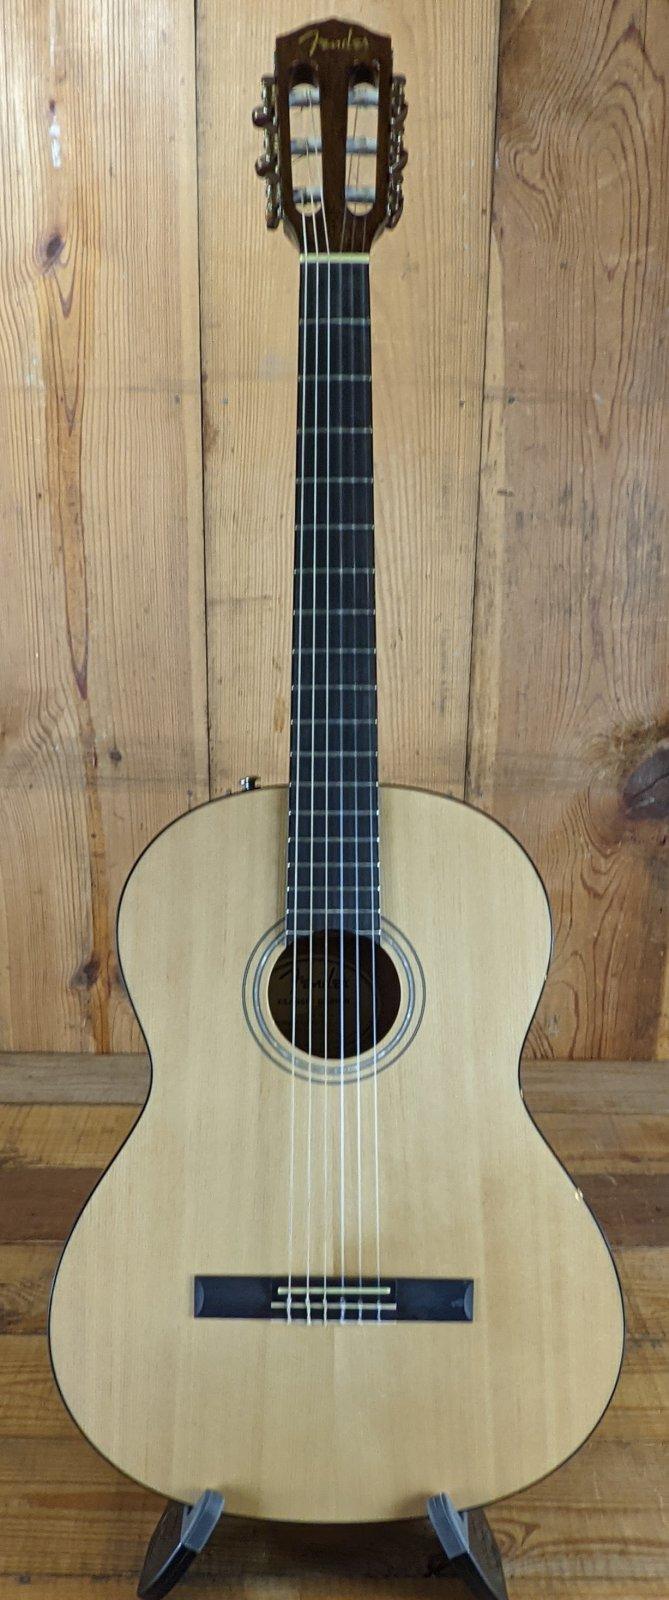 Fender CN-60S nylon string